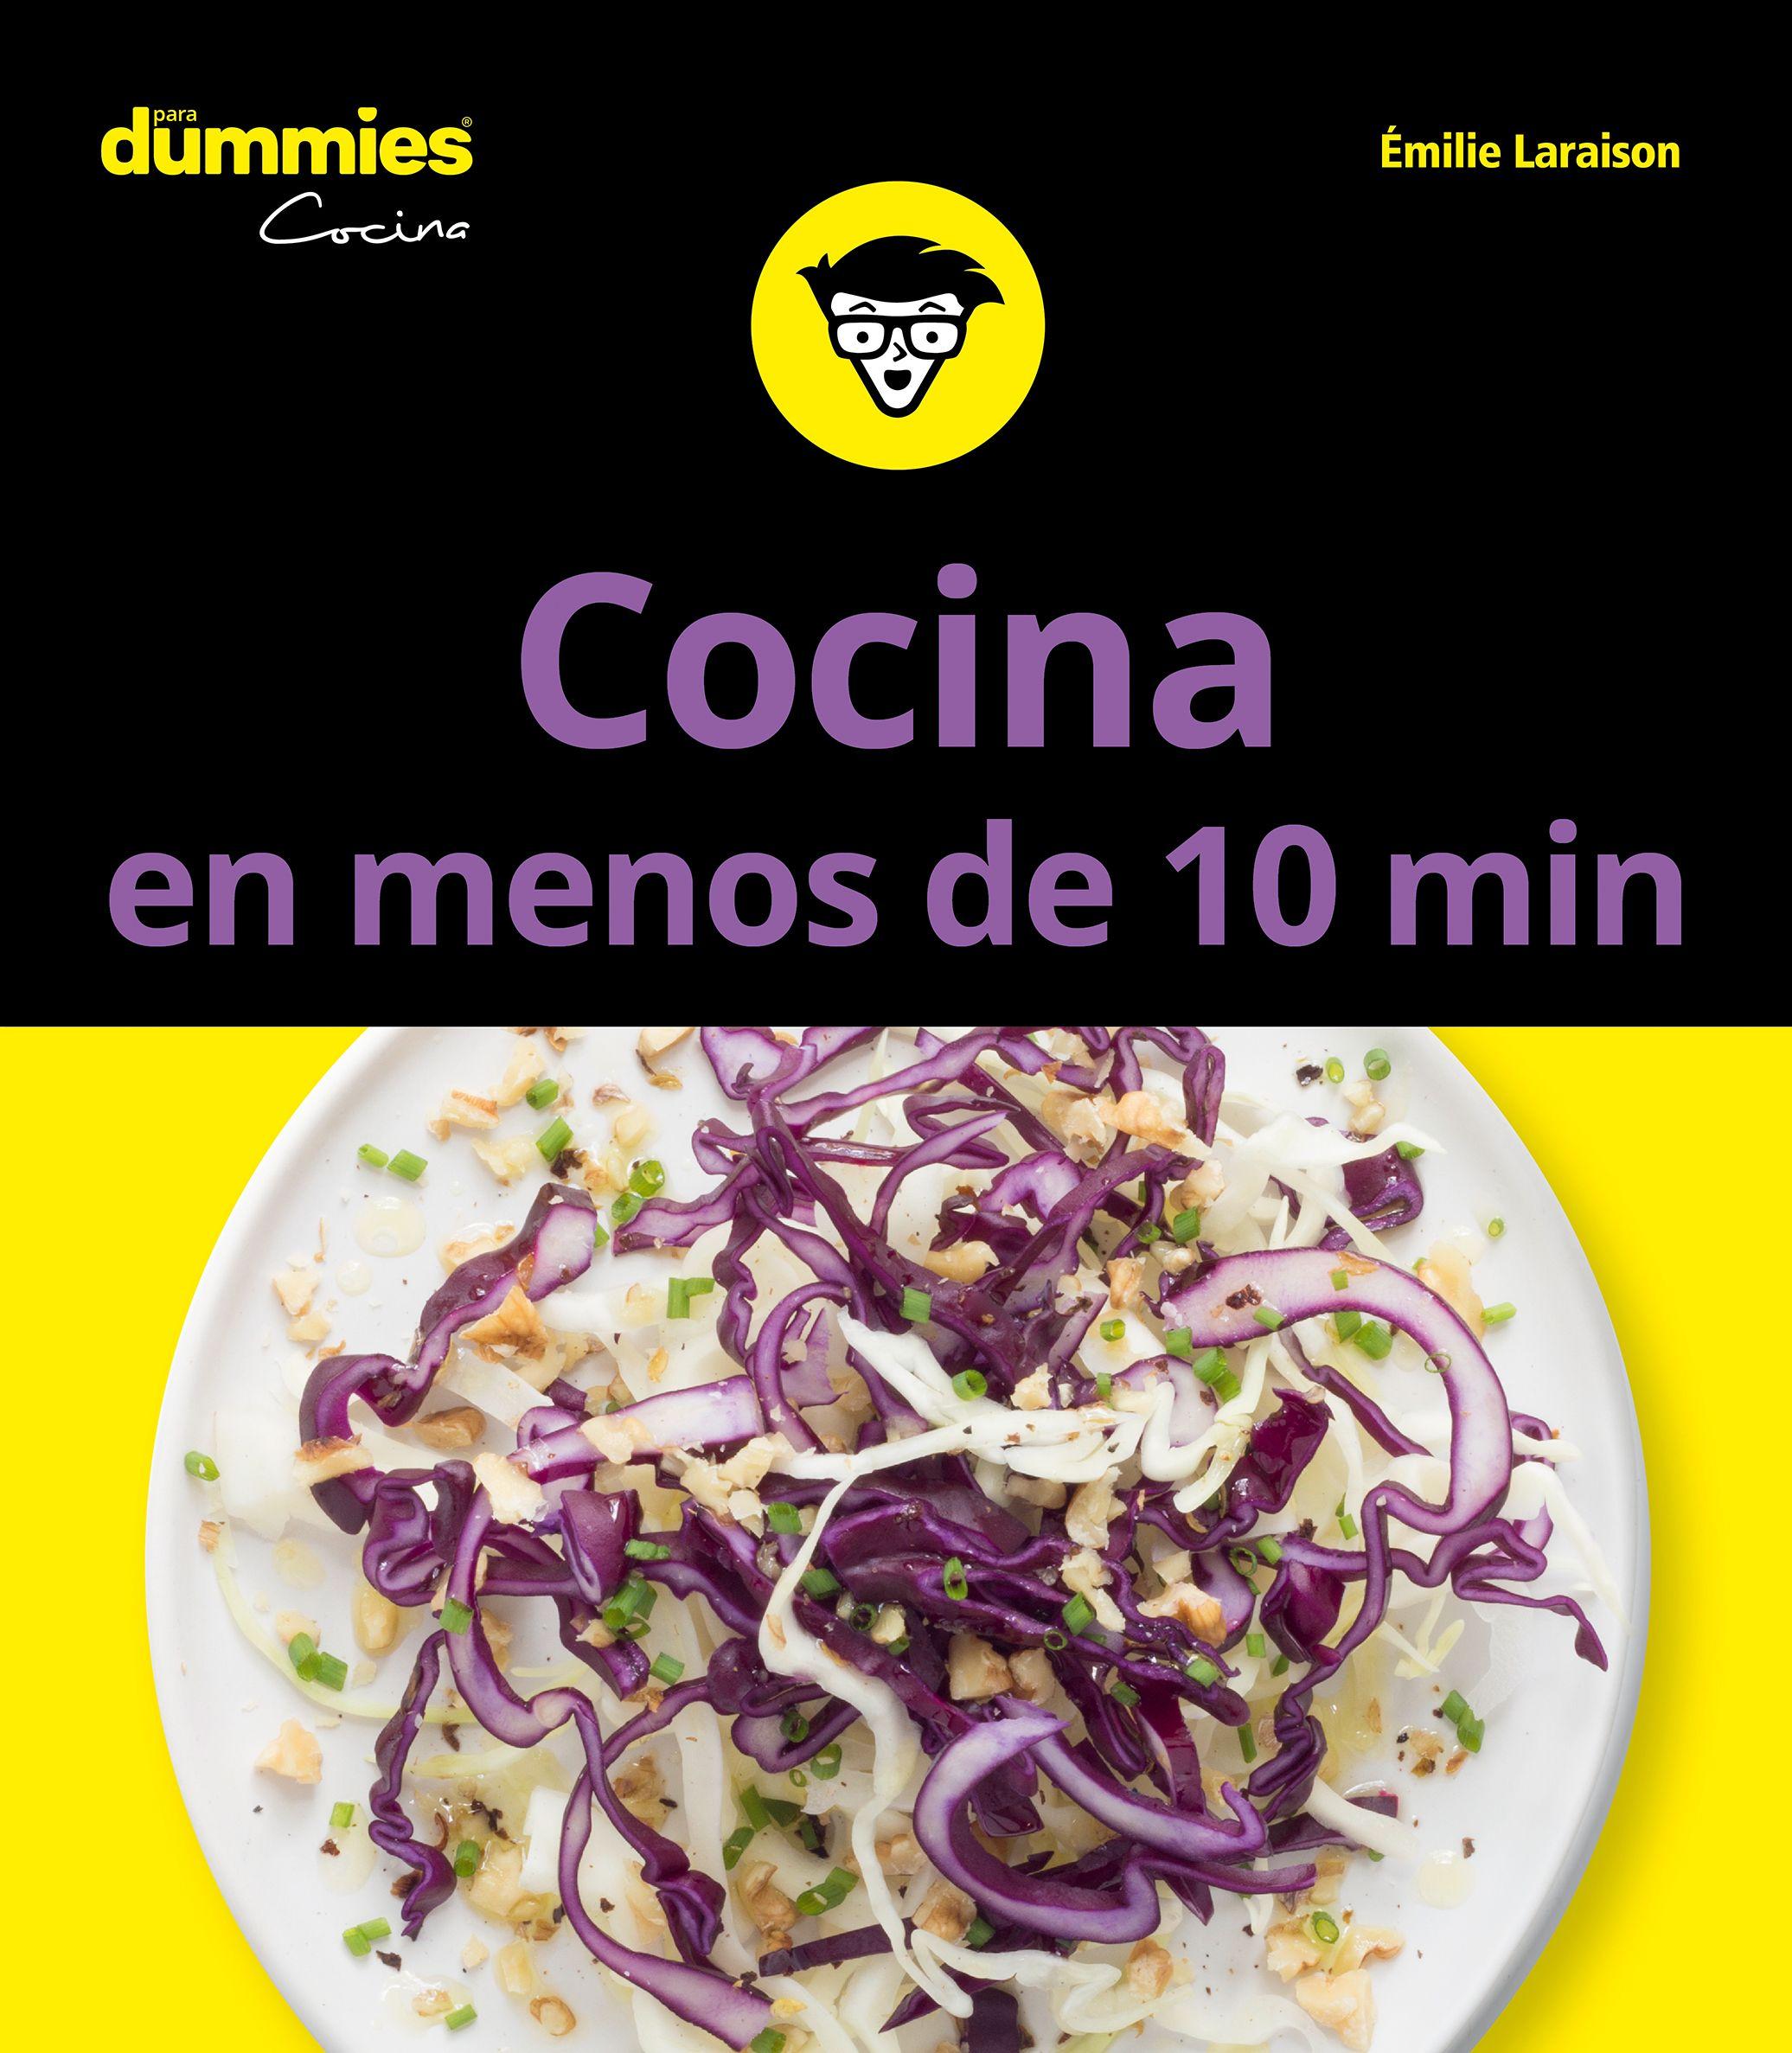 Cocina En Menos De 10 Minutos Para Dummies por Emilie Laraison